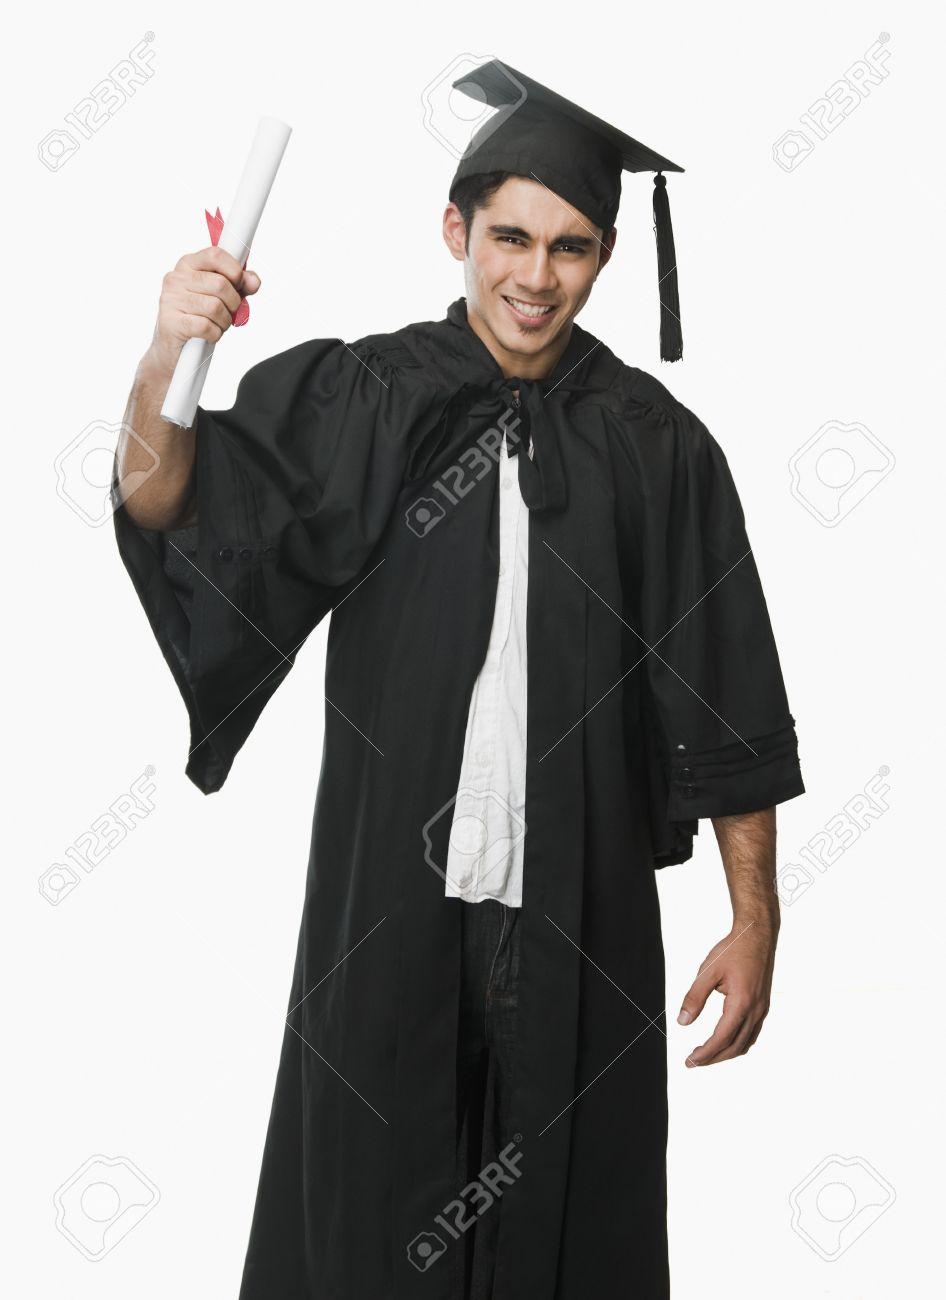 Vestidos graduacion hombre